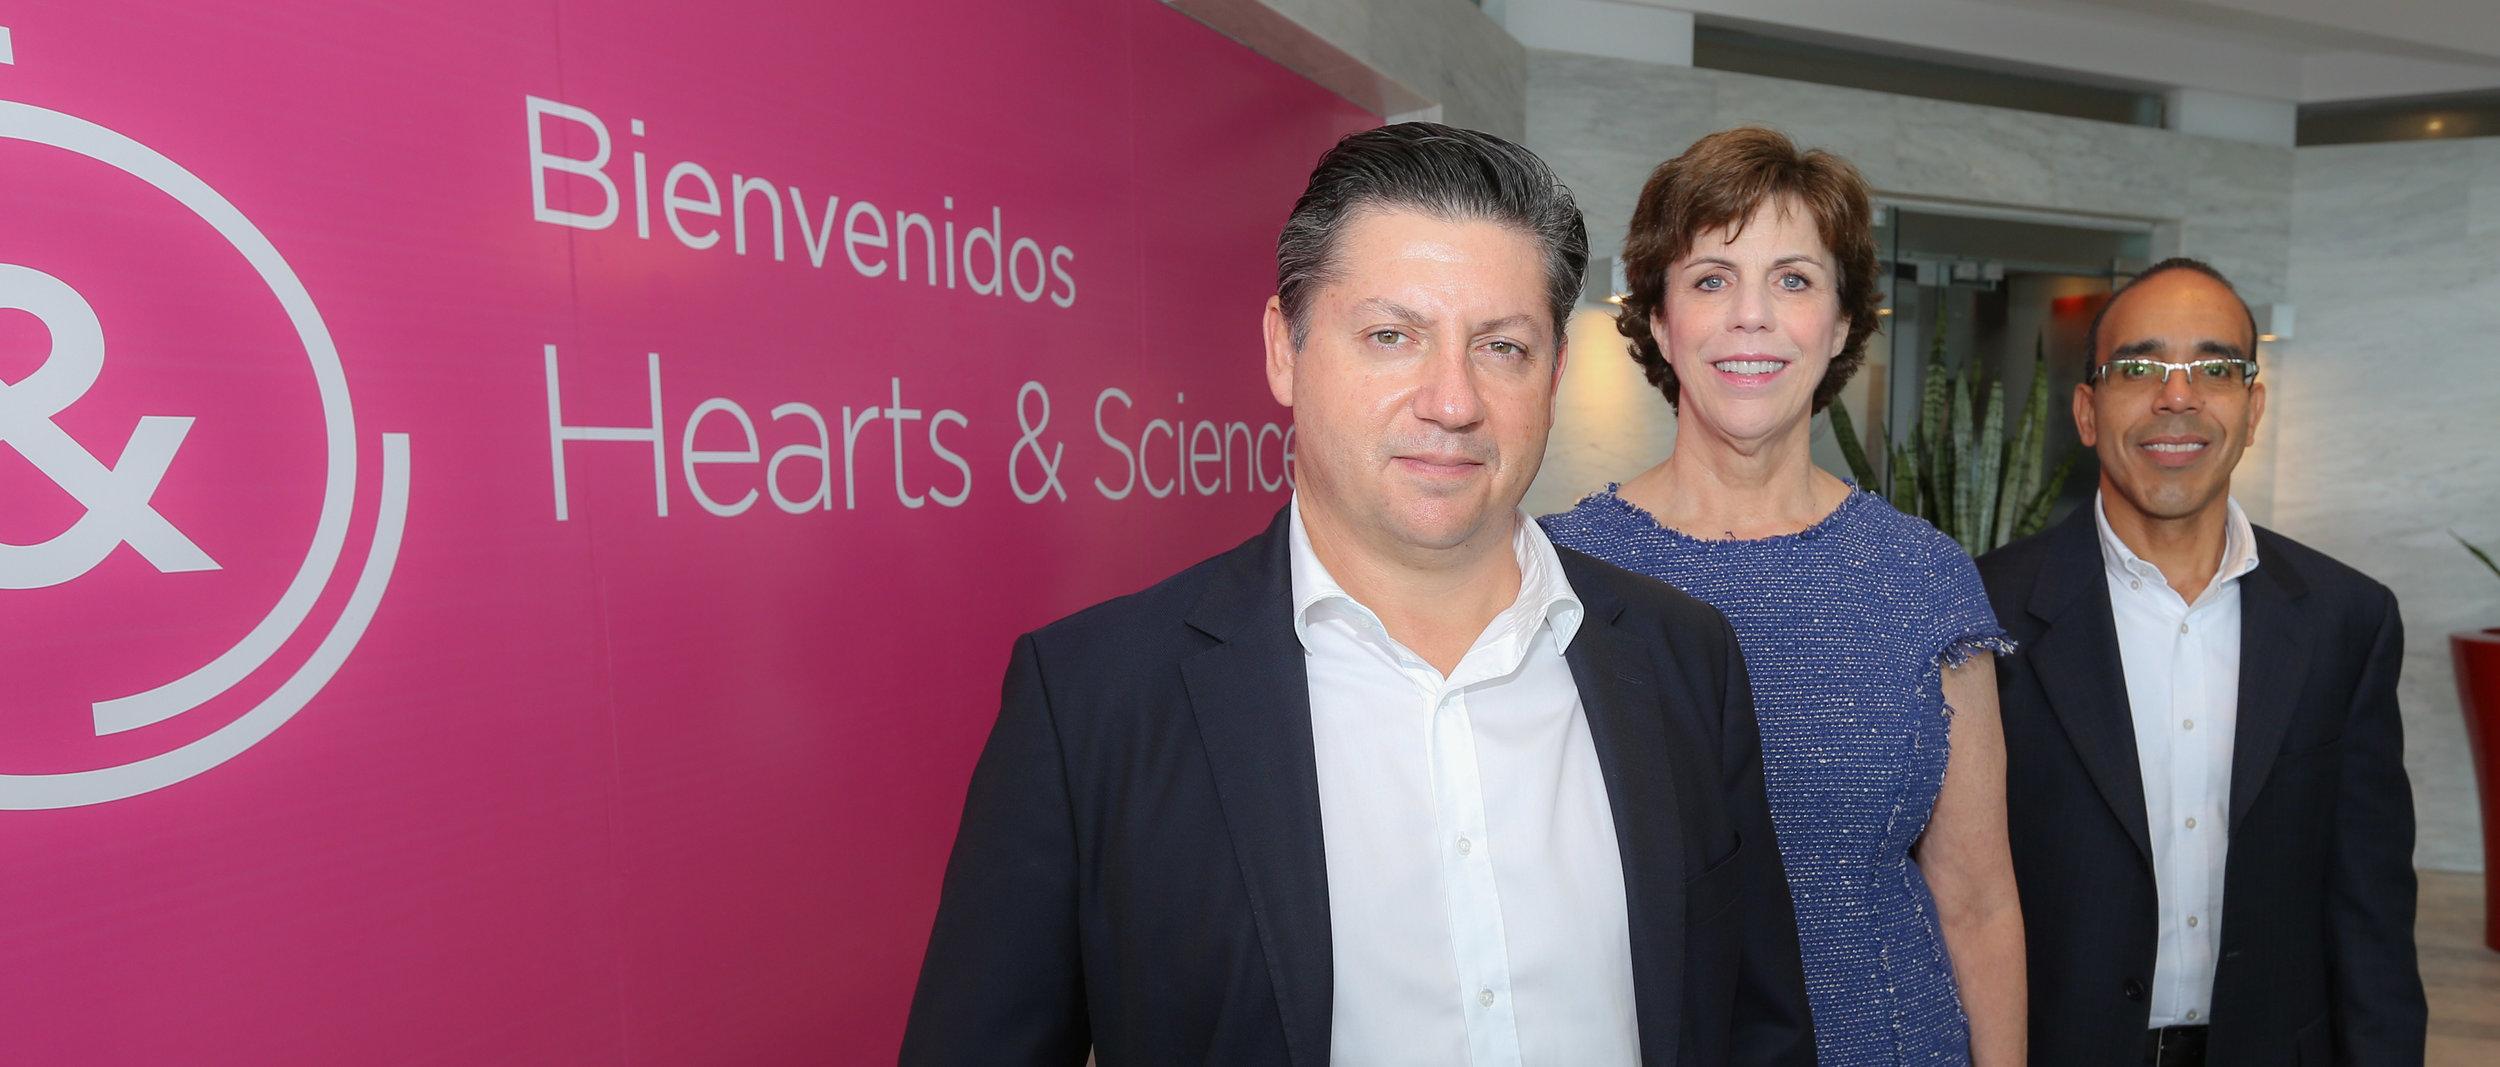 De izquierda a derecha: Julián Porras, CEO de Omnicom Media Group Latinoamérica, Kathleen Brookbanks, COO Global de Hearts & Science, y Andrés Claudio, gerente general de Hearts & Science Puerto Rico.